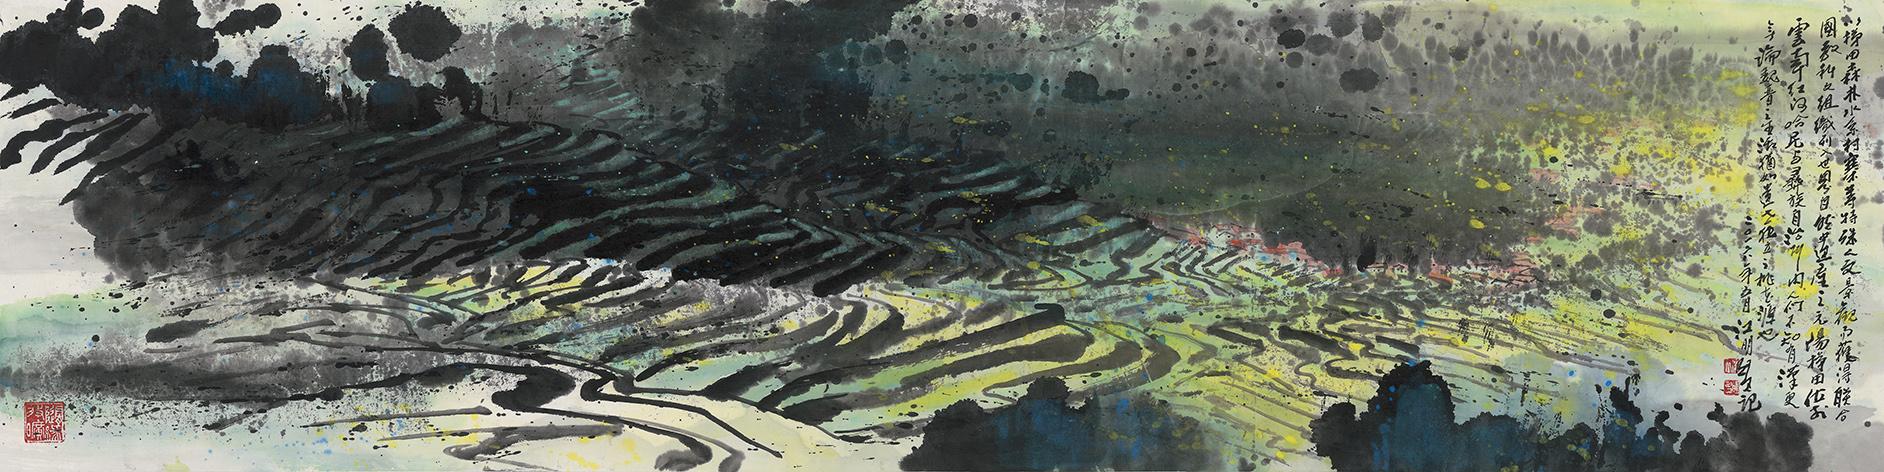 江明賢 雲南元陽梯田 34x137cm 2016